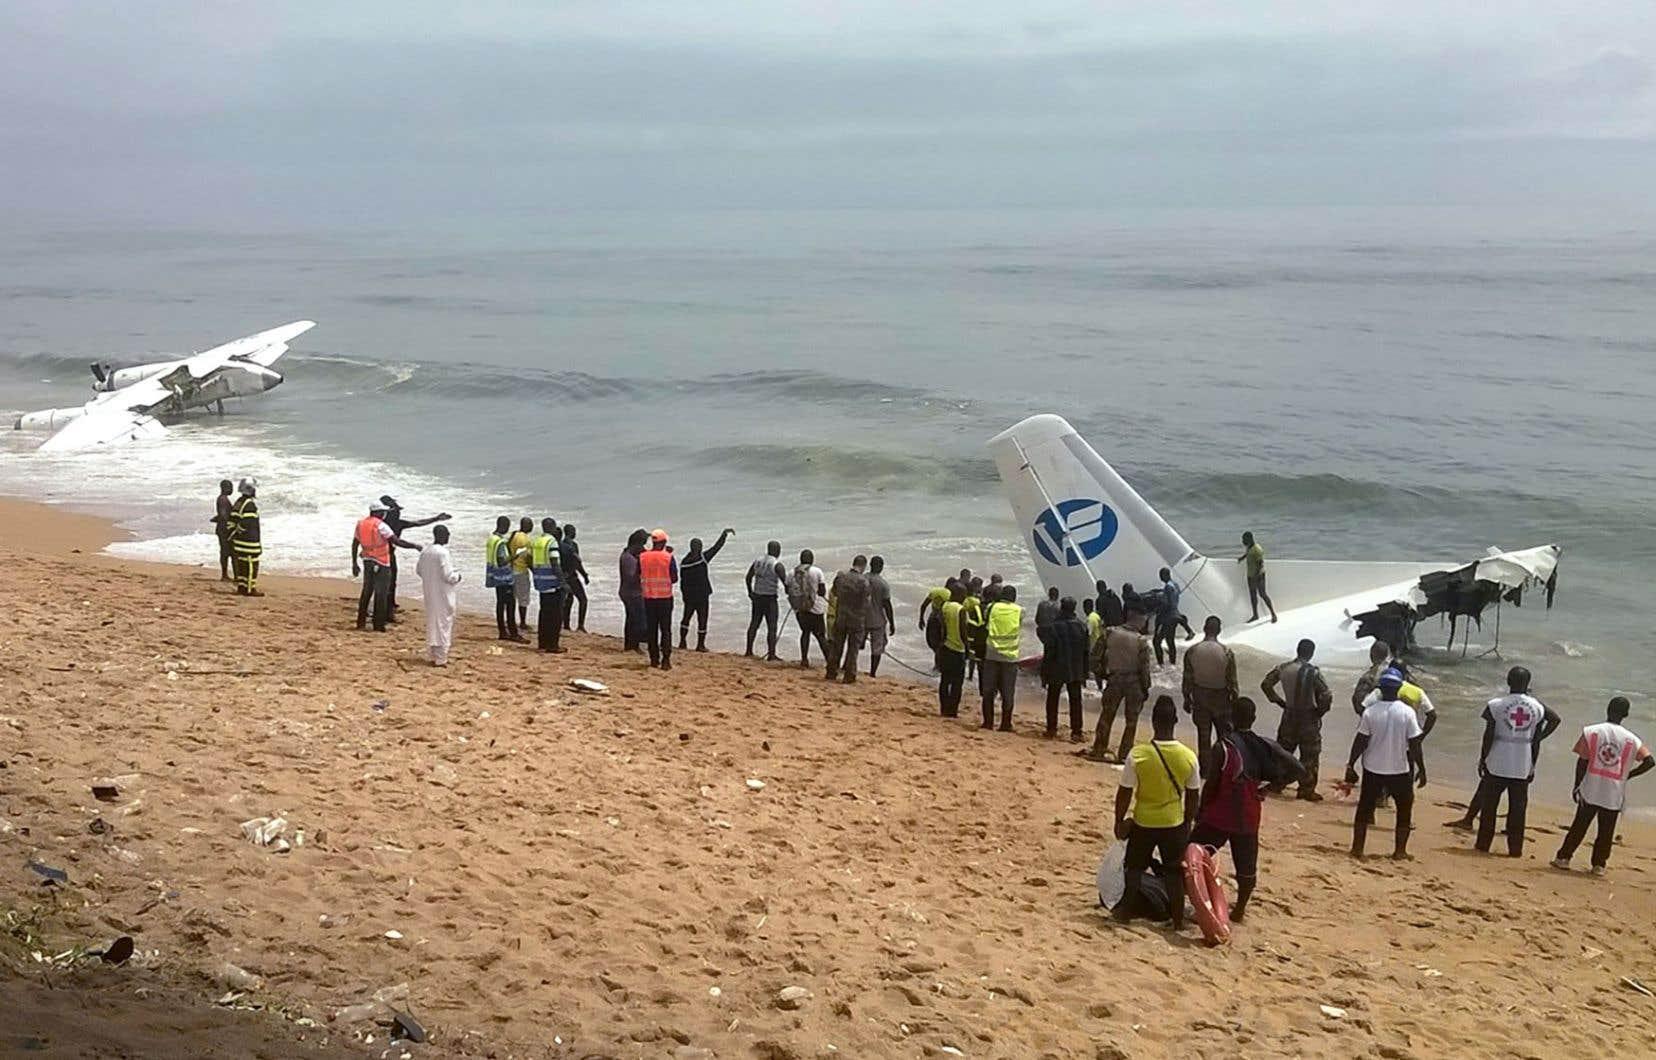 Le 14 octobre 2017, un avion cargo s'est écrasé au large de la Côte d'Ivoire, tuant quatre personnes.